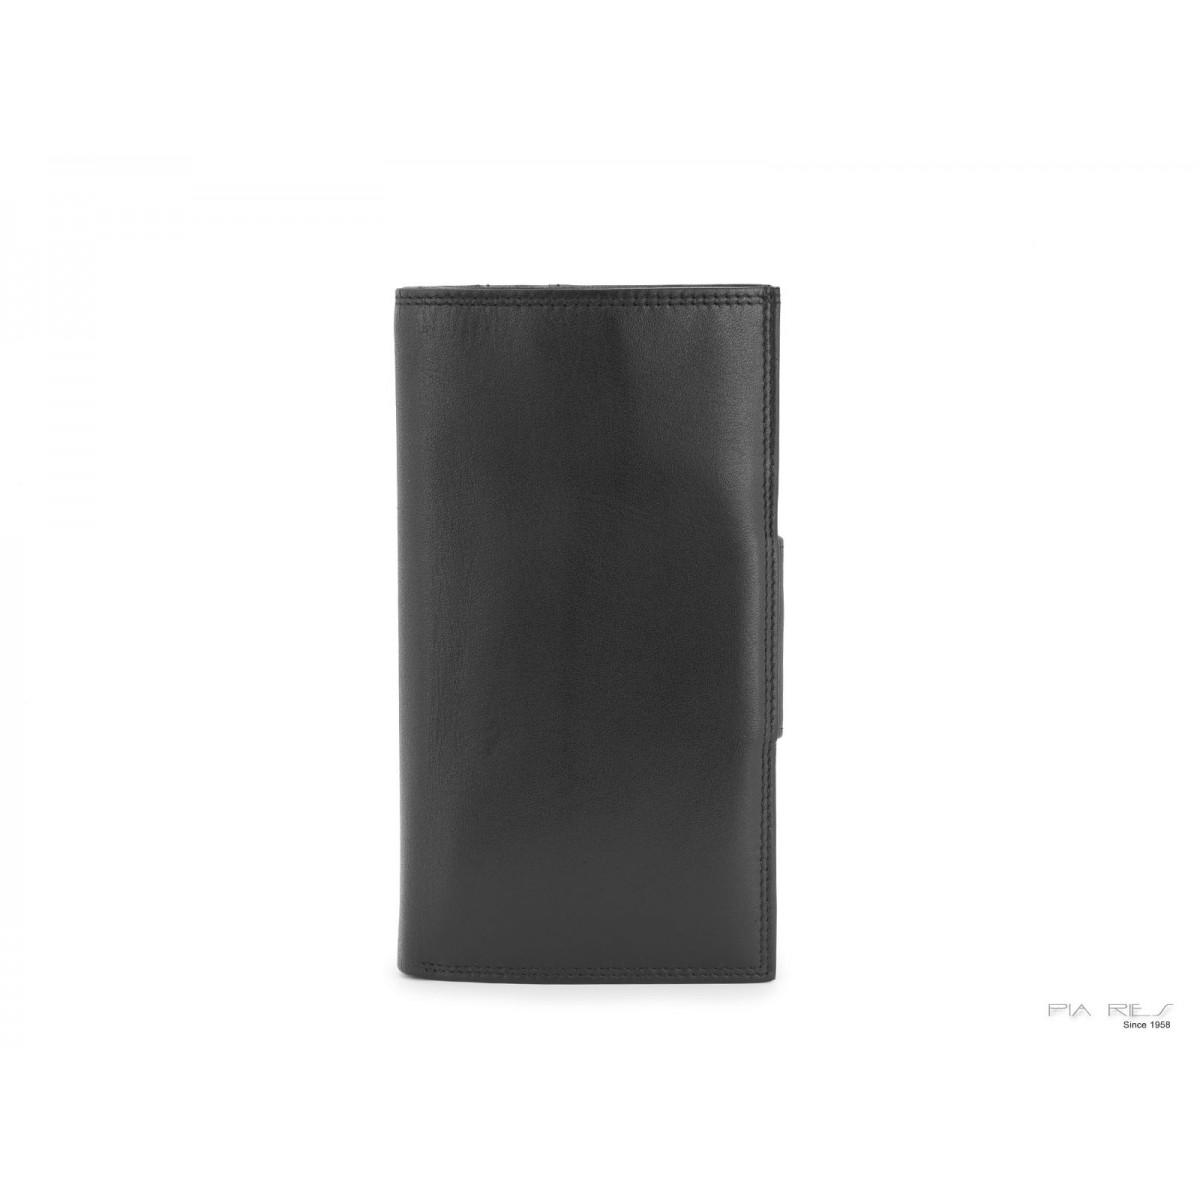 Tegnebog til inderlommen-38